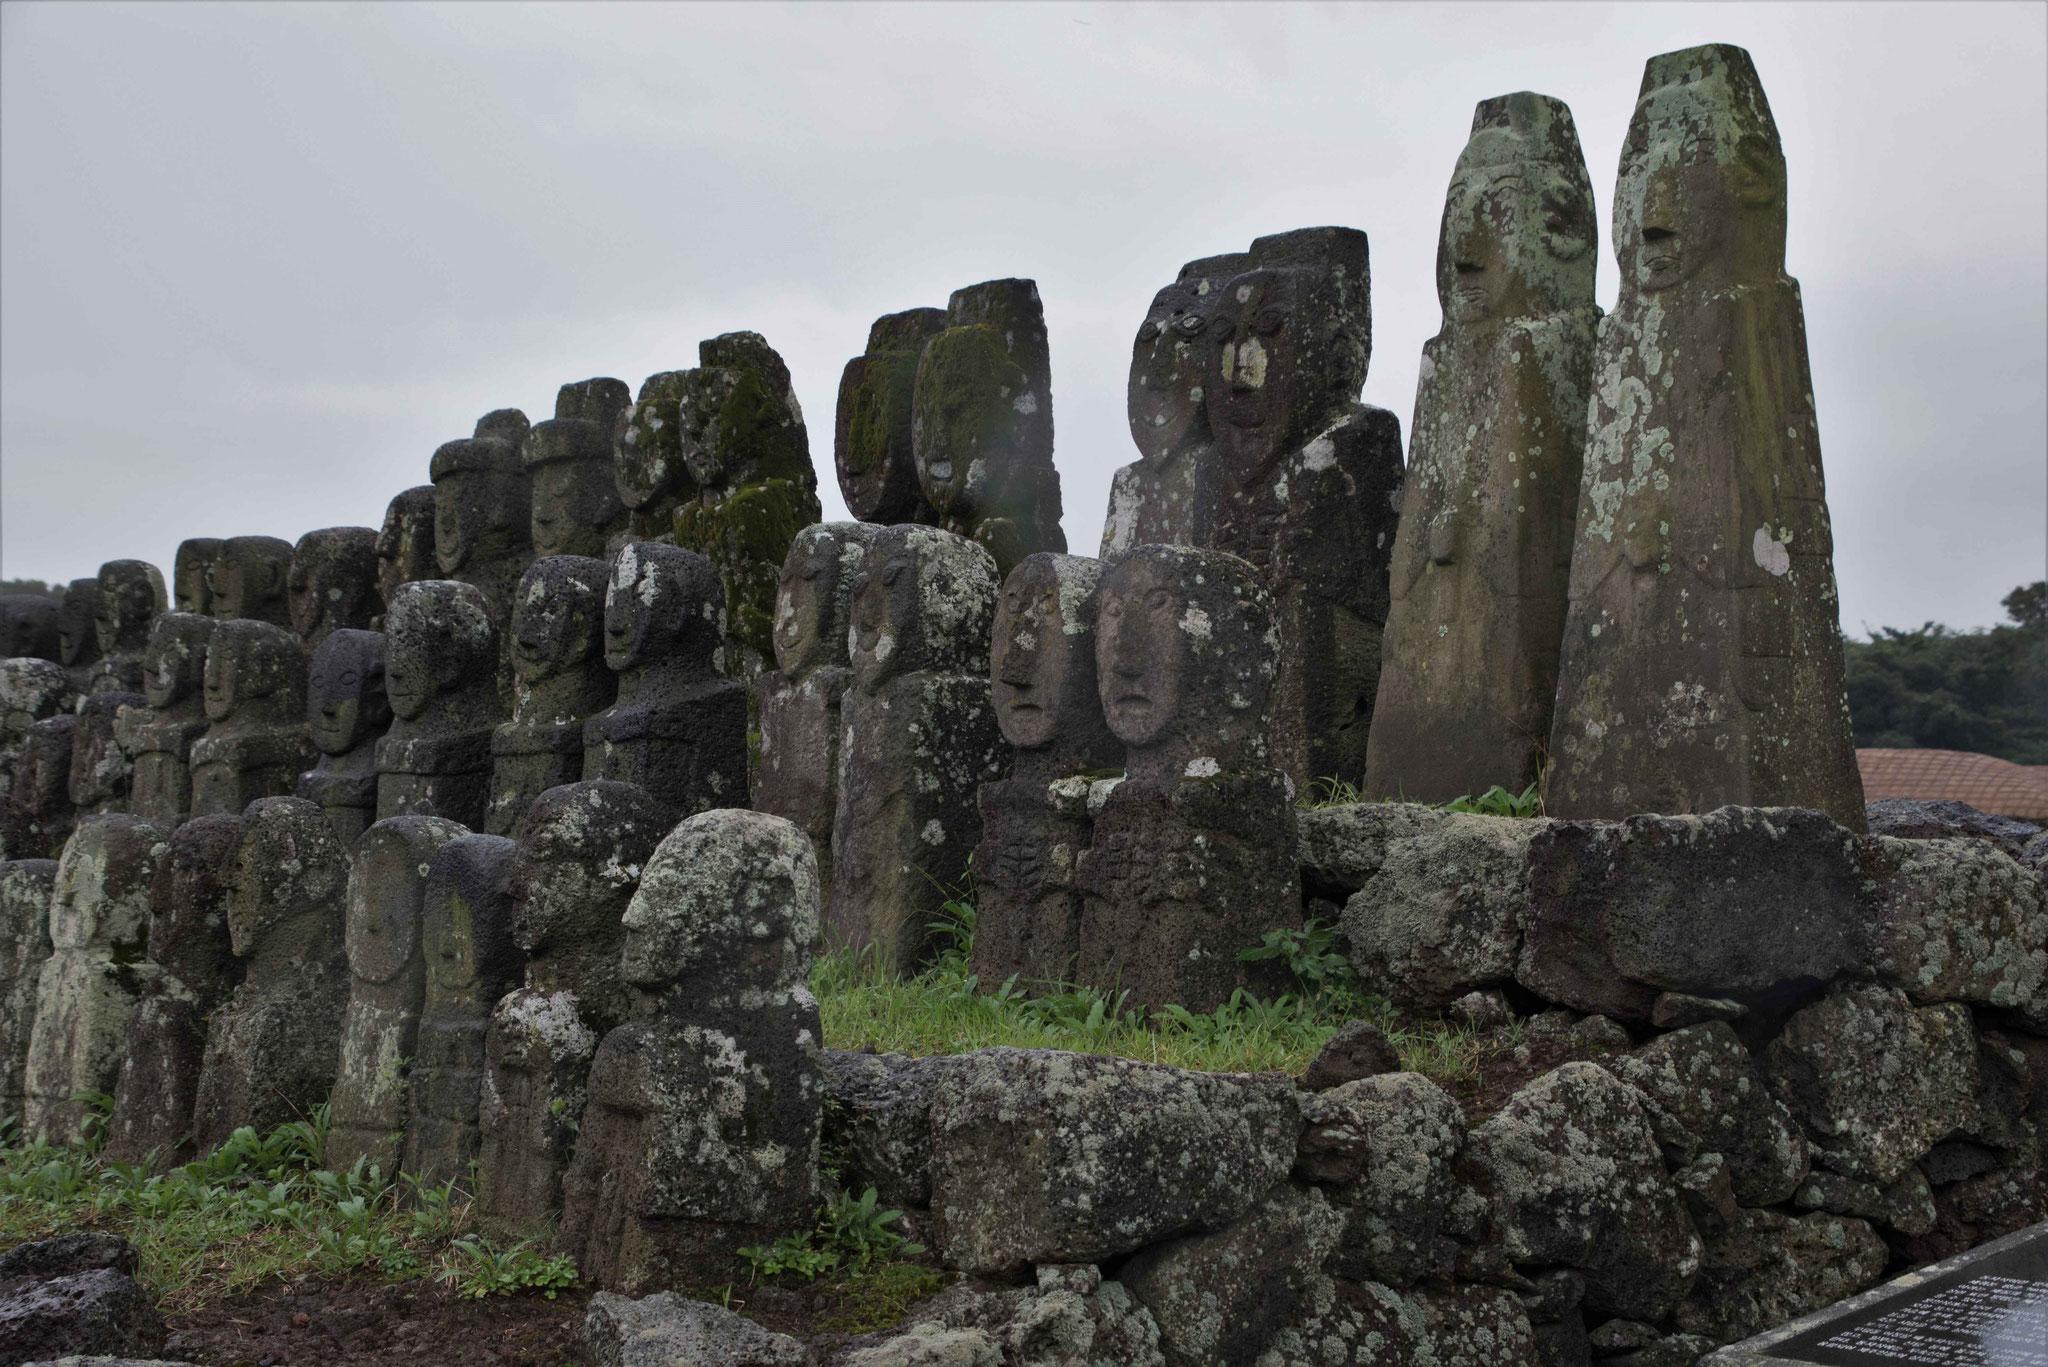 Laut Legende wurden die Kinder von Seolmundae Halmang Generäle